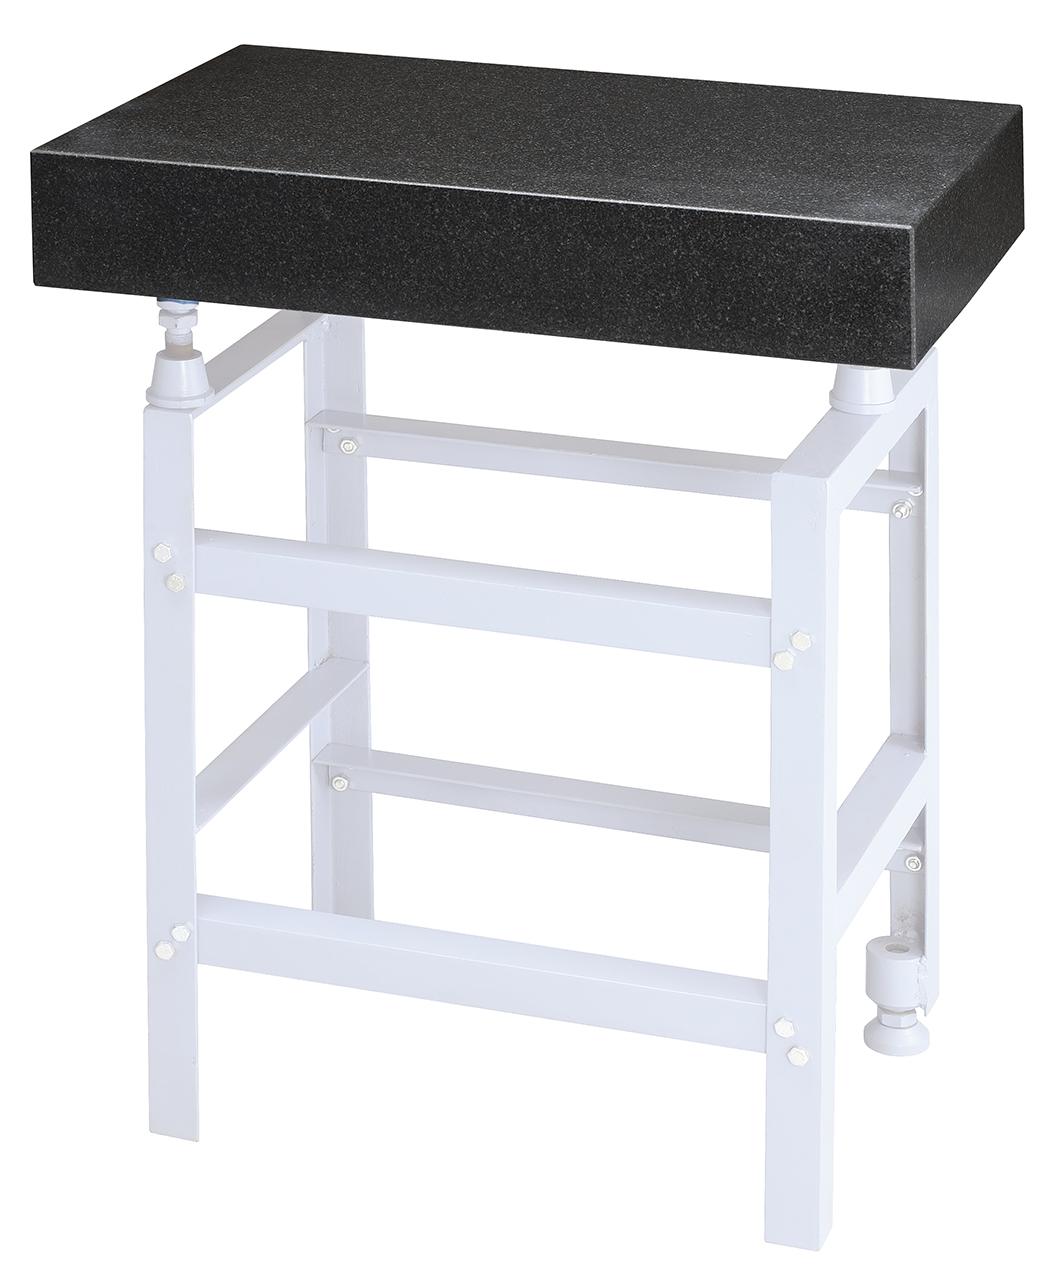 Stół z granitowym blatem 1000 x 630 x 150 mm  BERNARDO